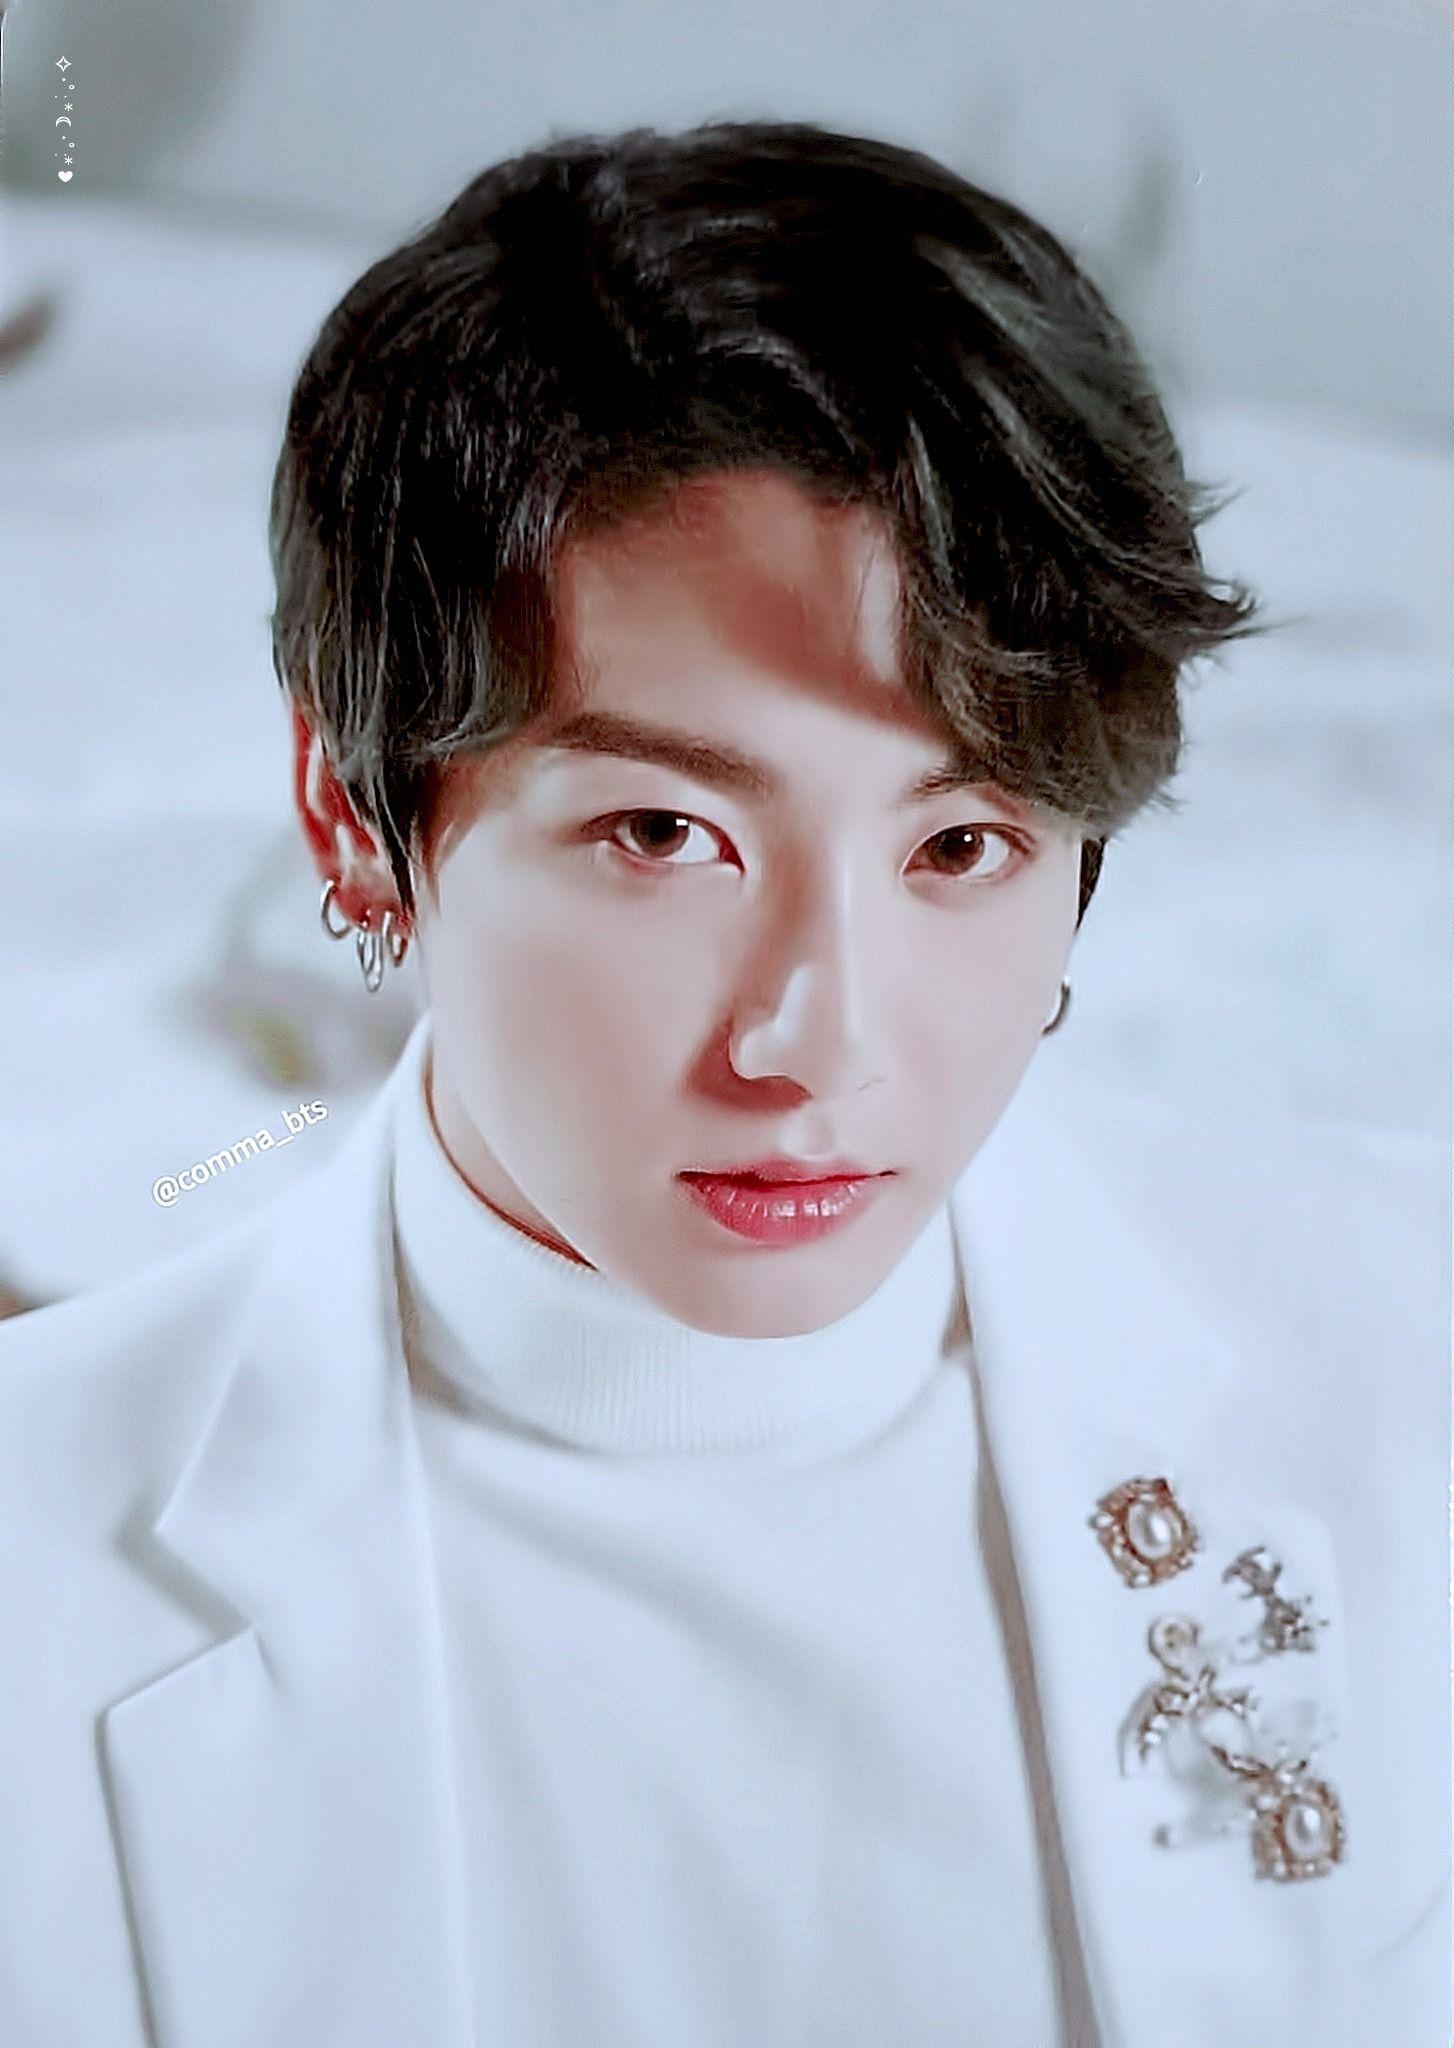 Wallpaper bts jungkook handsome